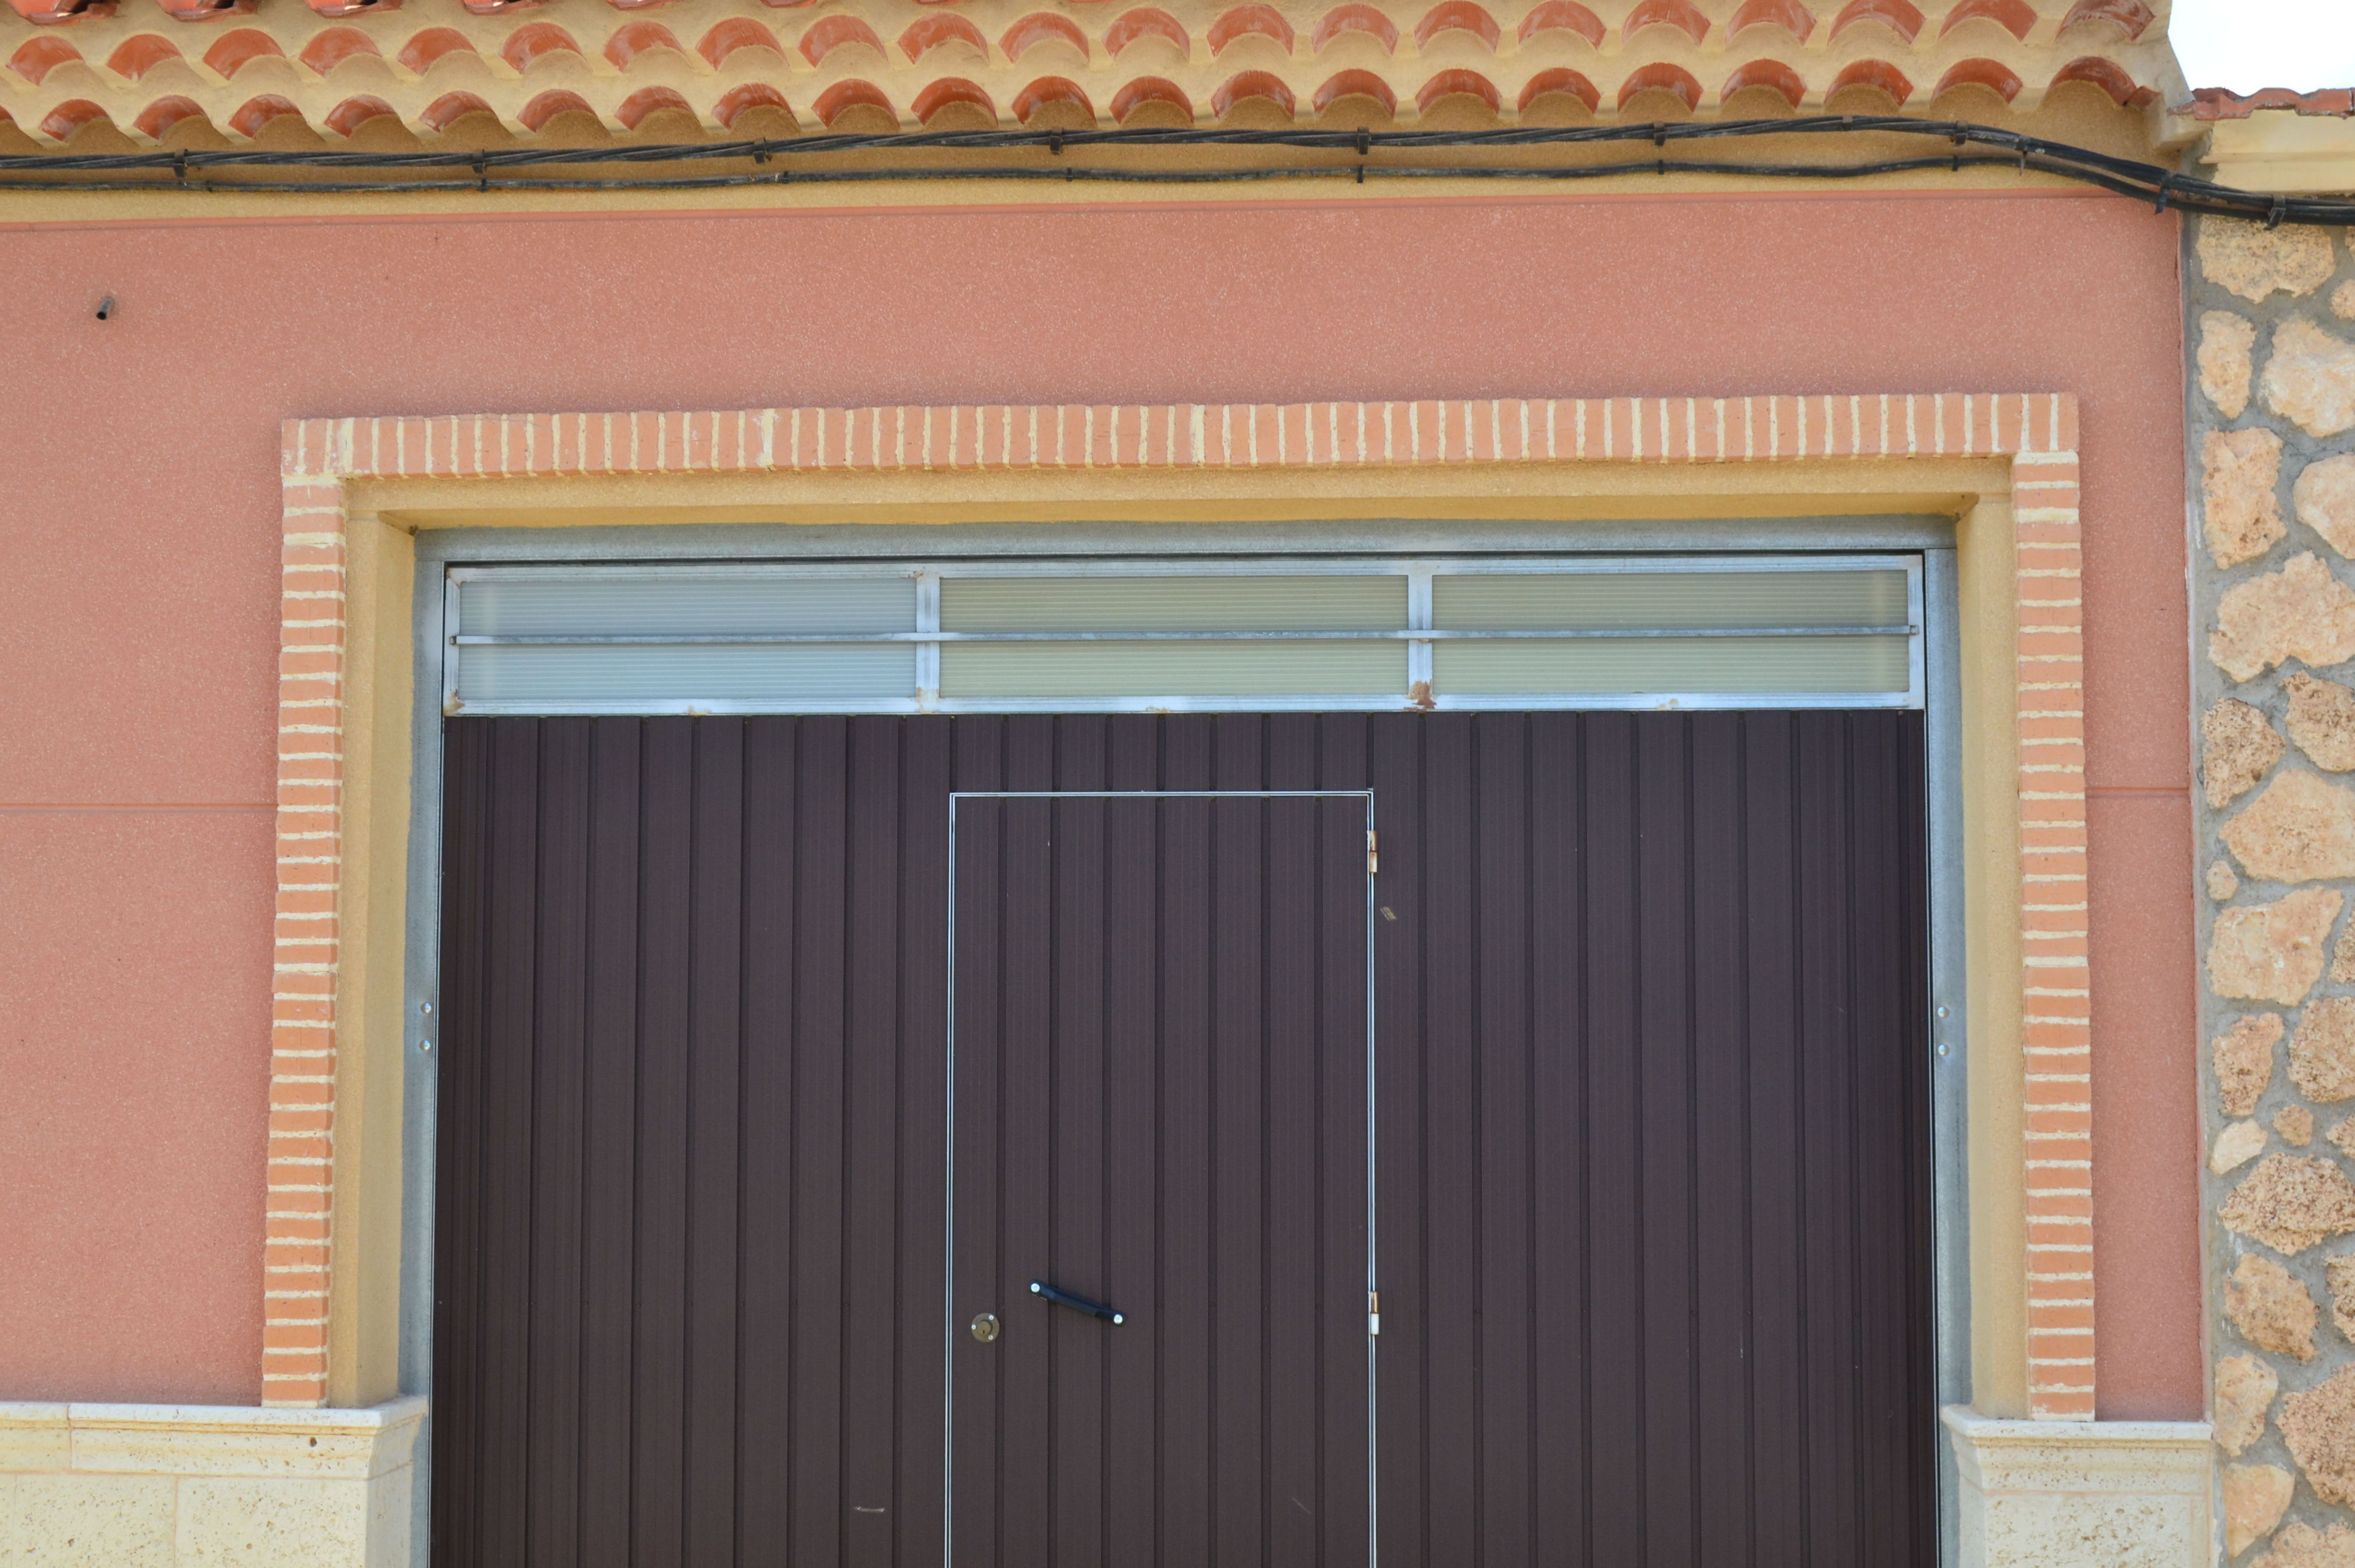 Productos de hormigón para la decoración exterior e interior